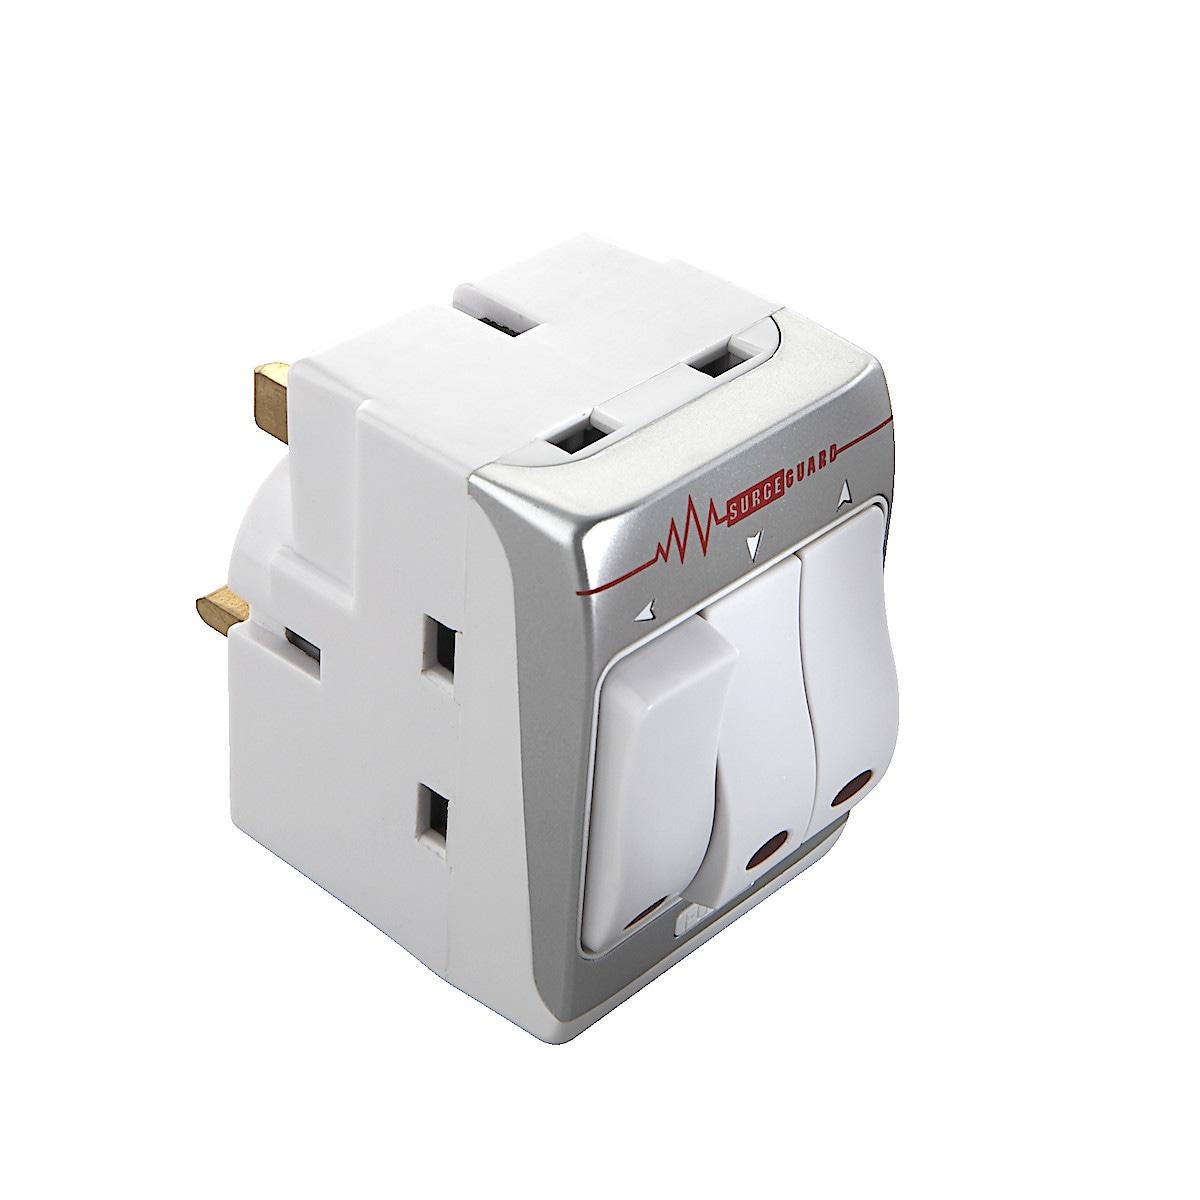 Masterplug Surge Protected Adaptor